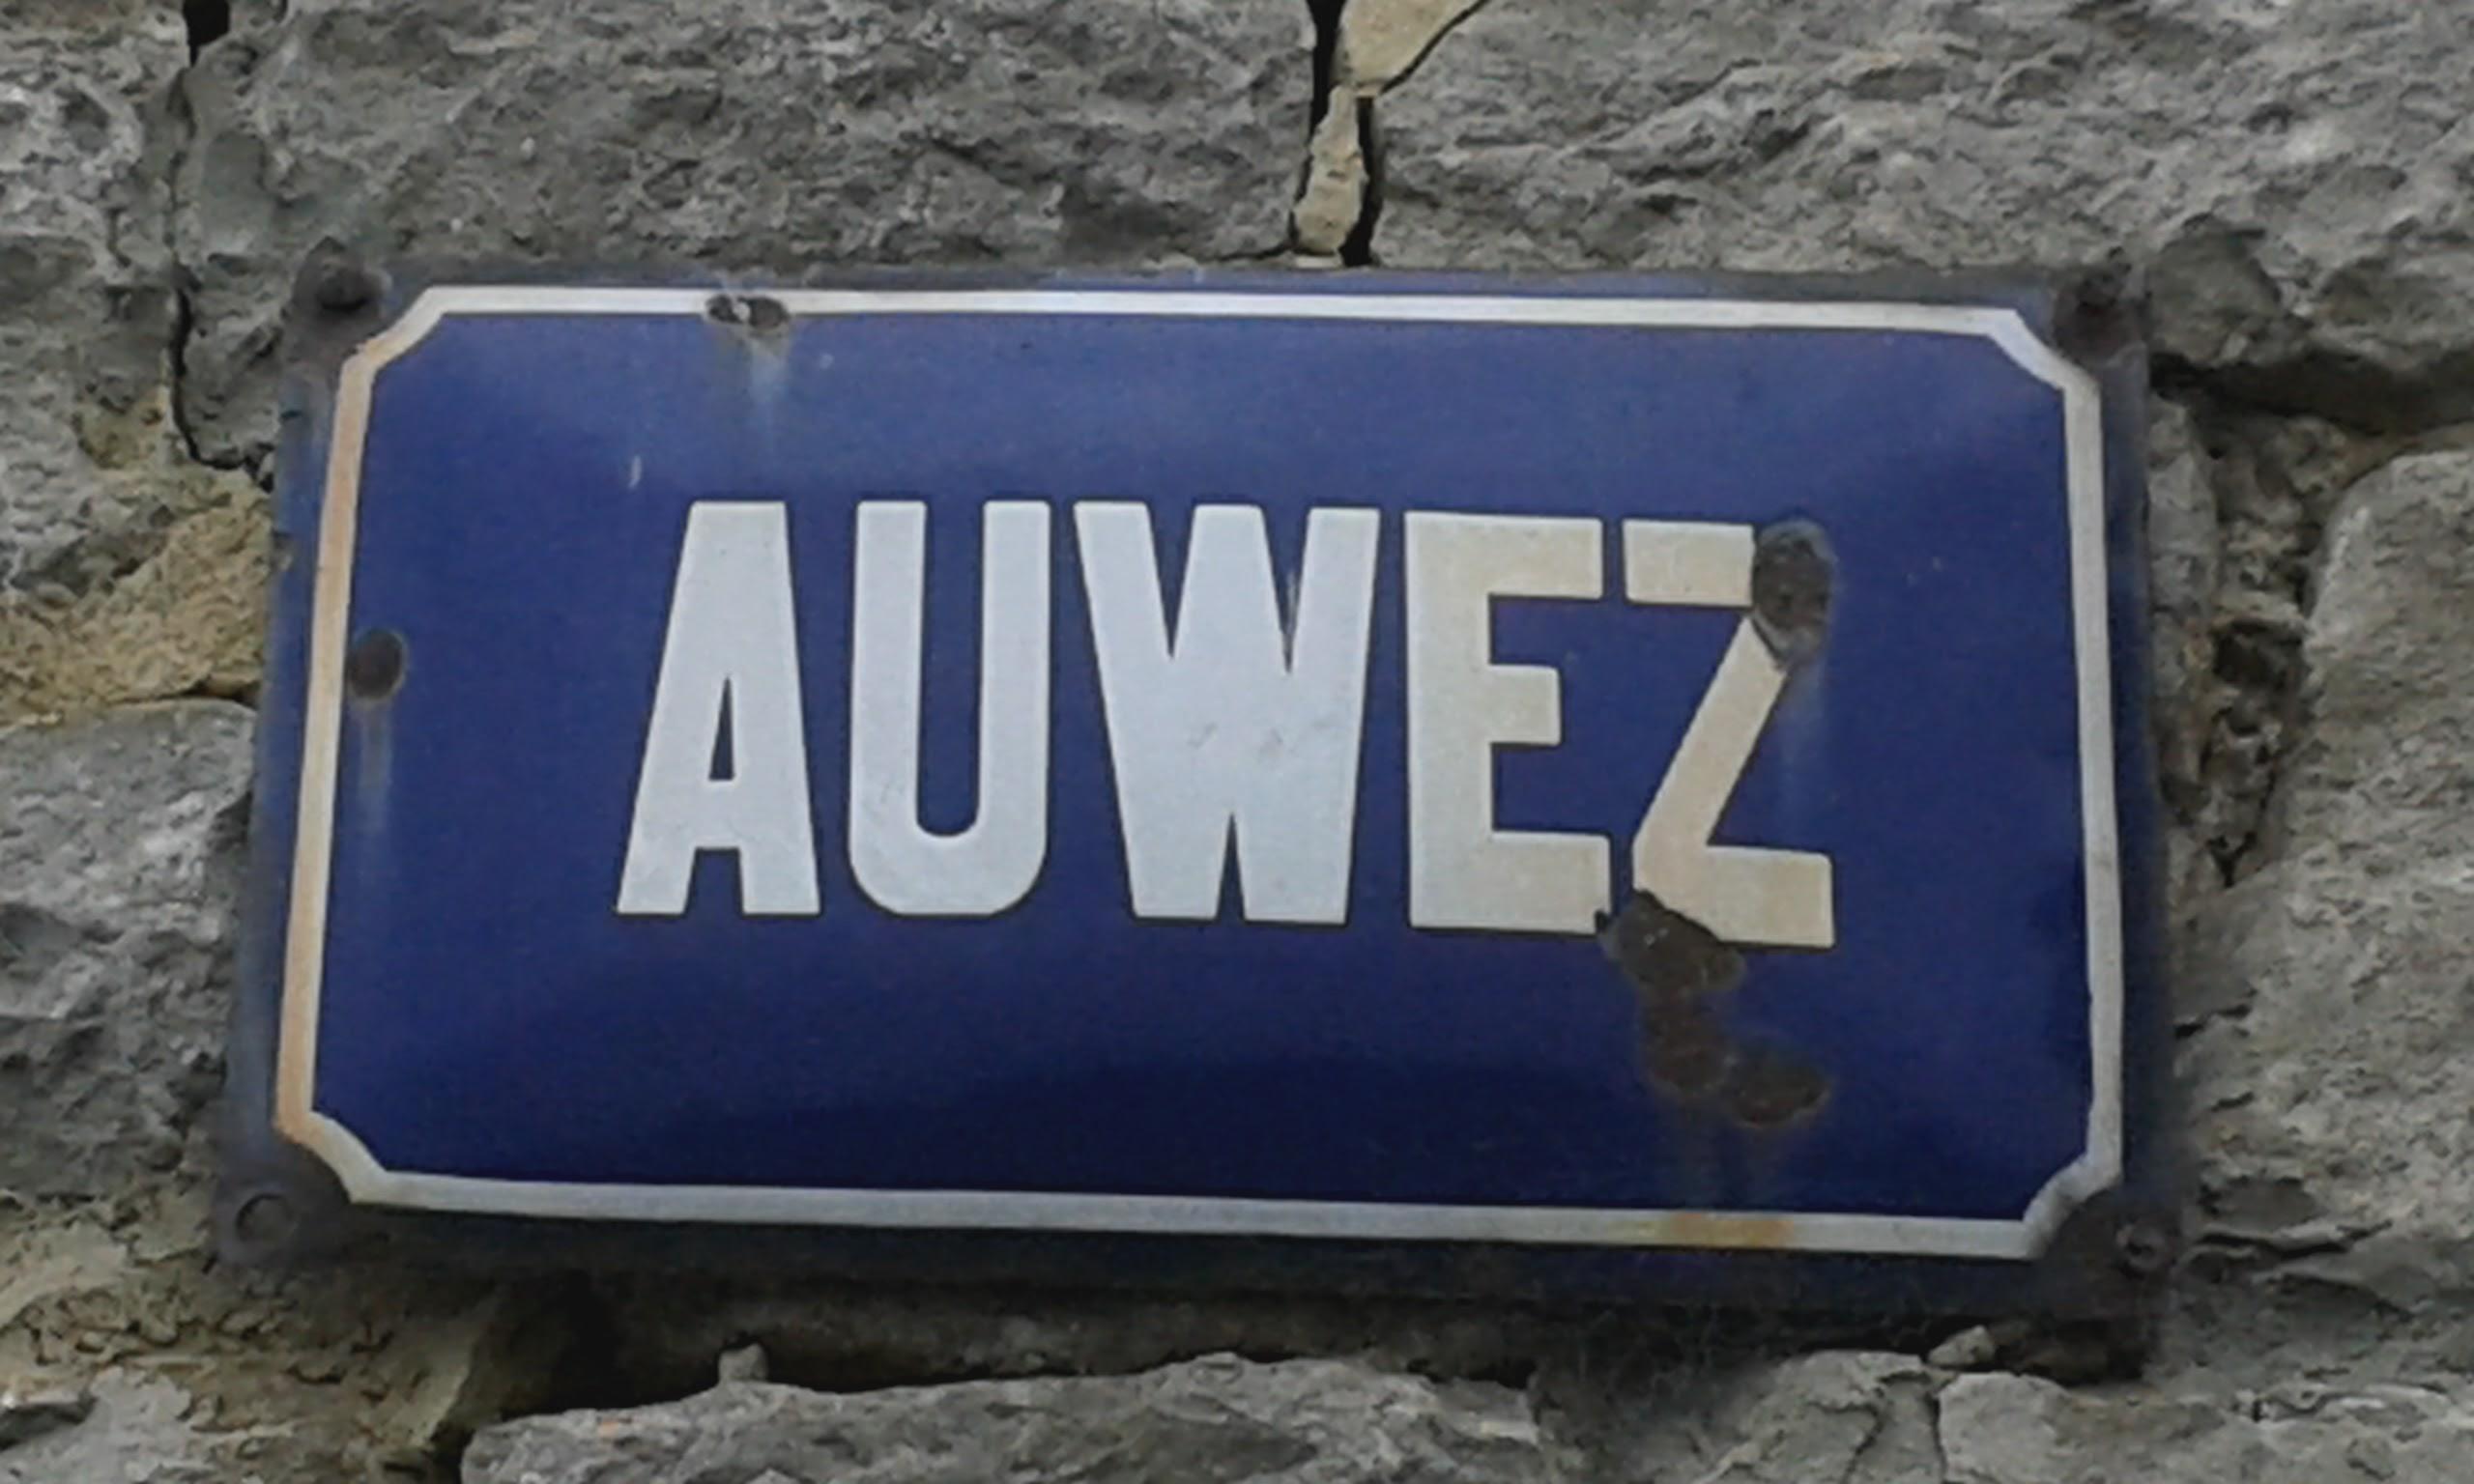 Plaque Auwez